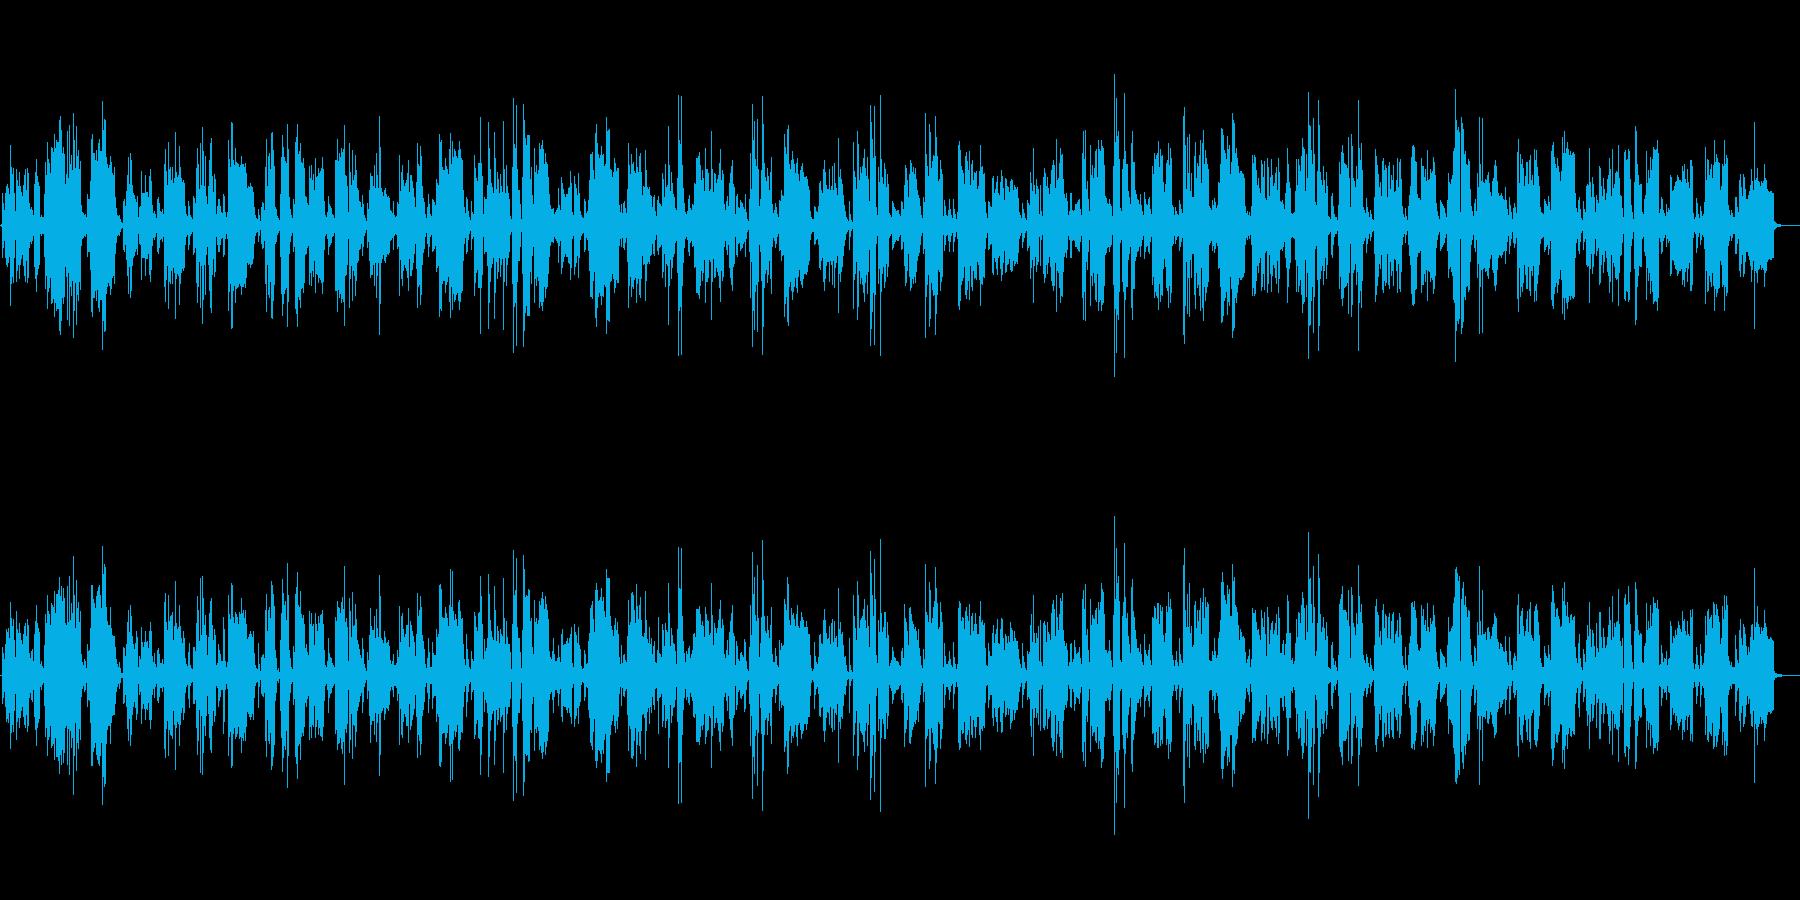 JAZZ|夜更けに静かに聴きたいバラードの再生済みの波形